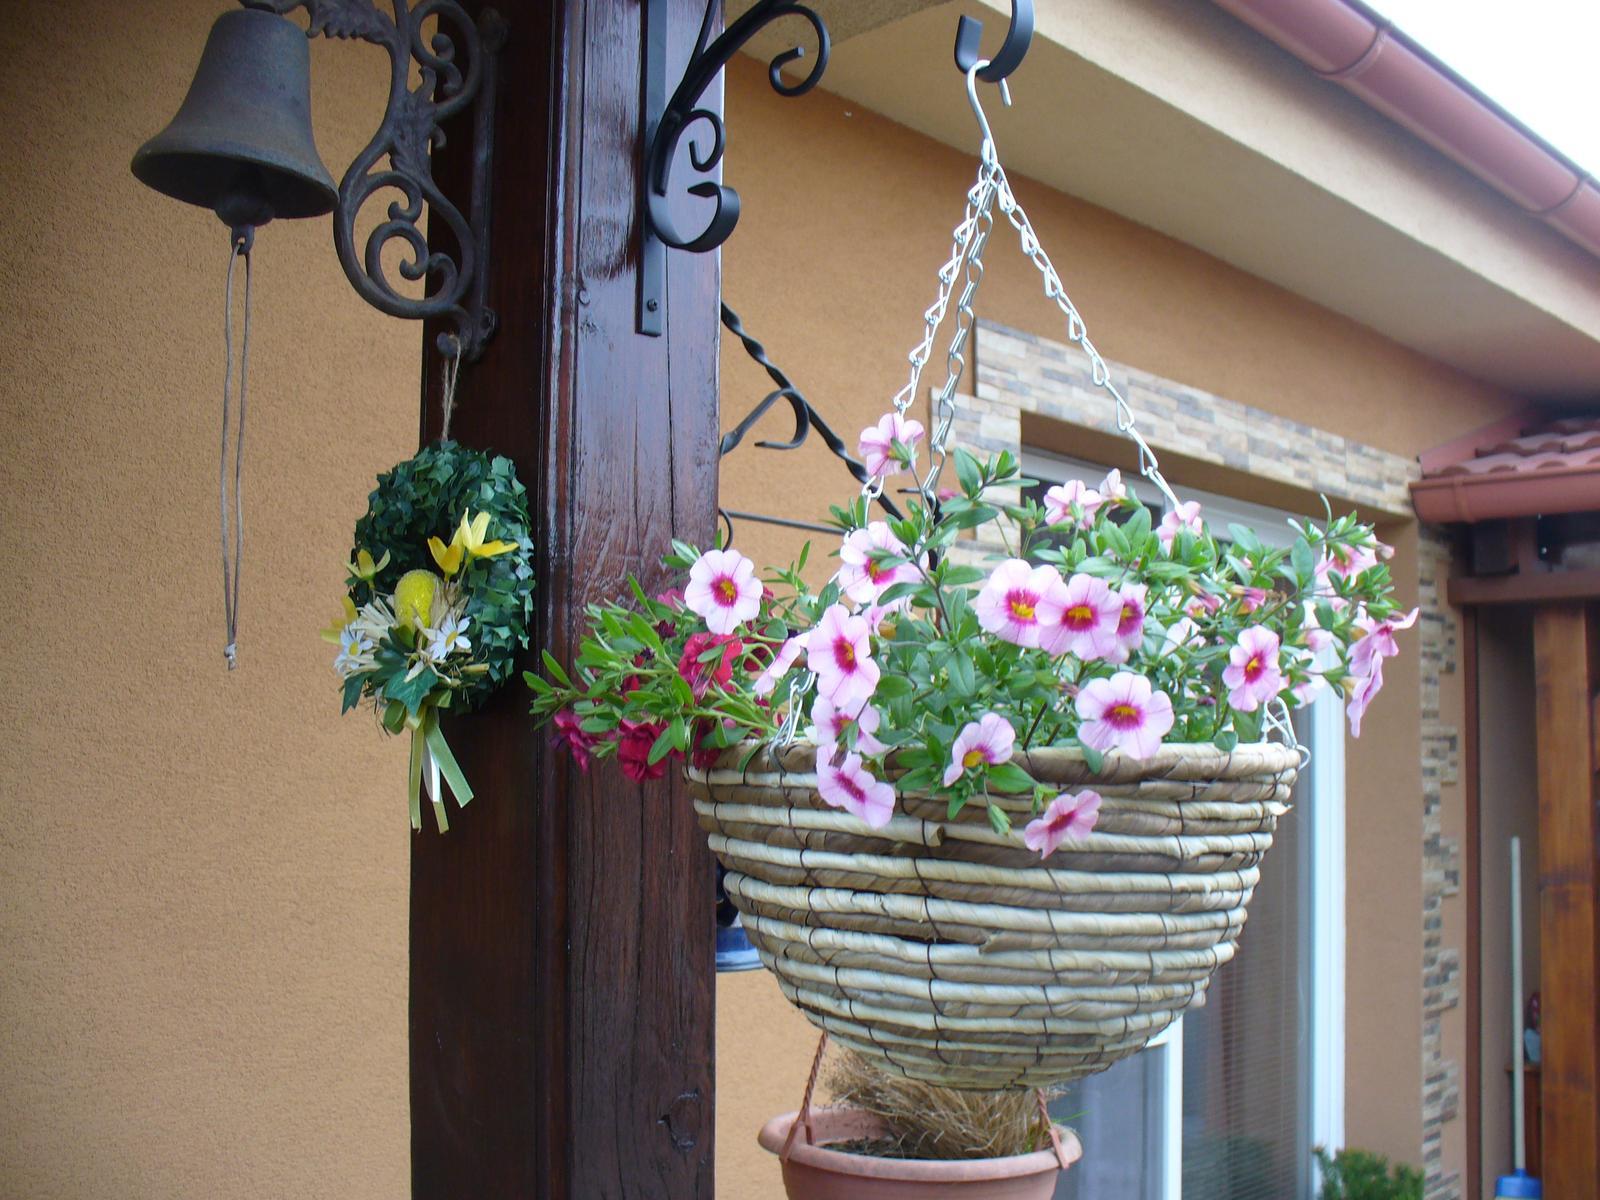 Prerábka, sadenie a úpravy v našej mini záhradke. - pribudol nový kvetináč, tak som už aj zasadila